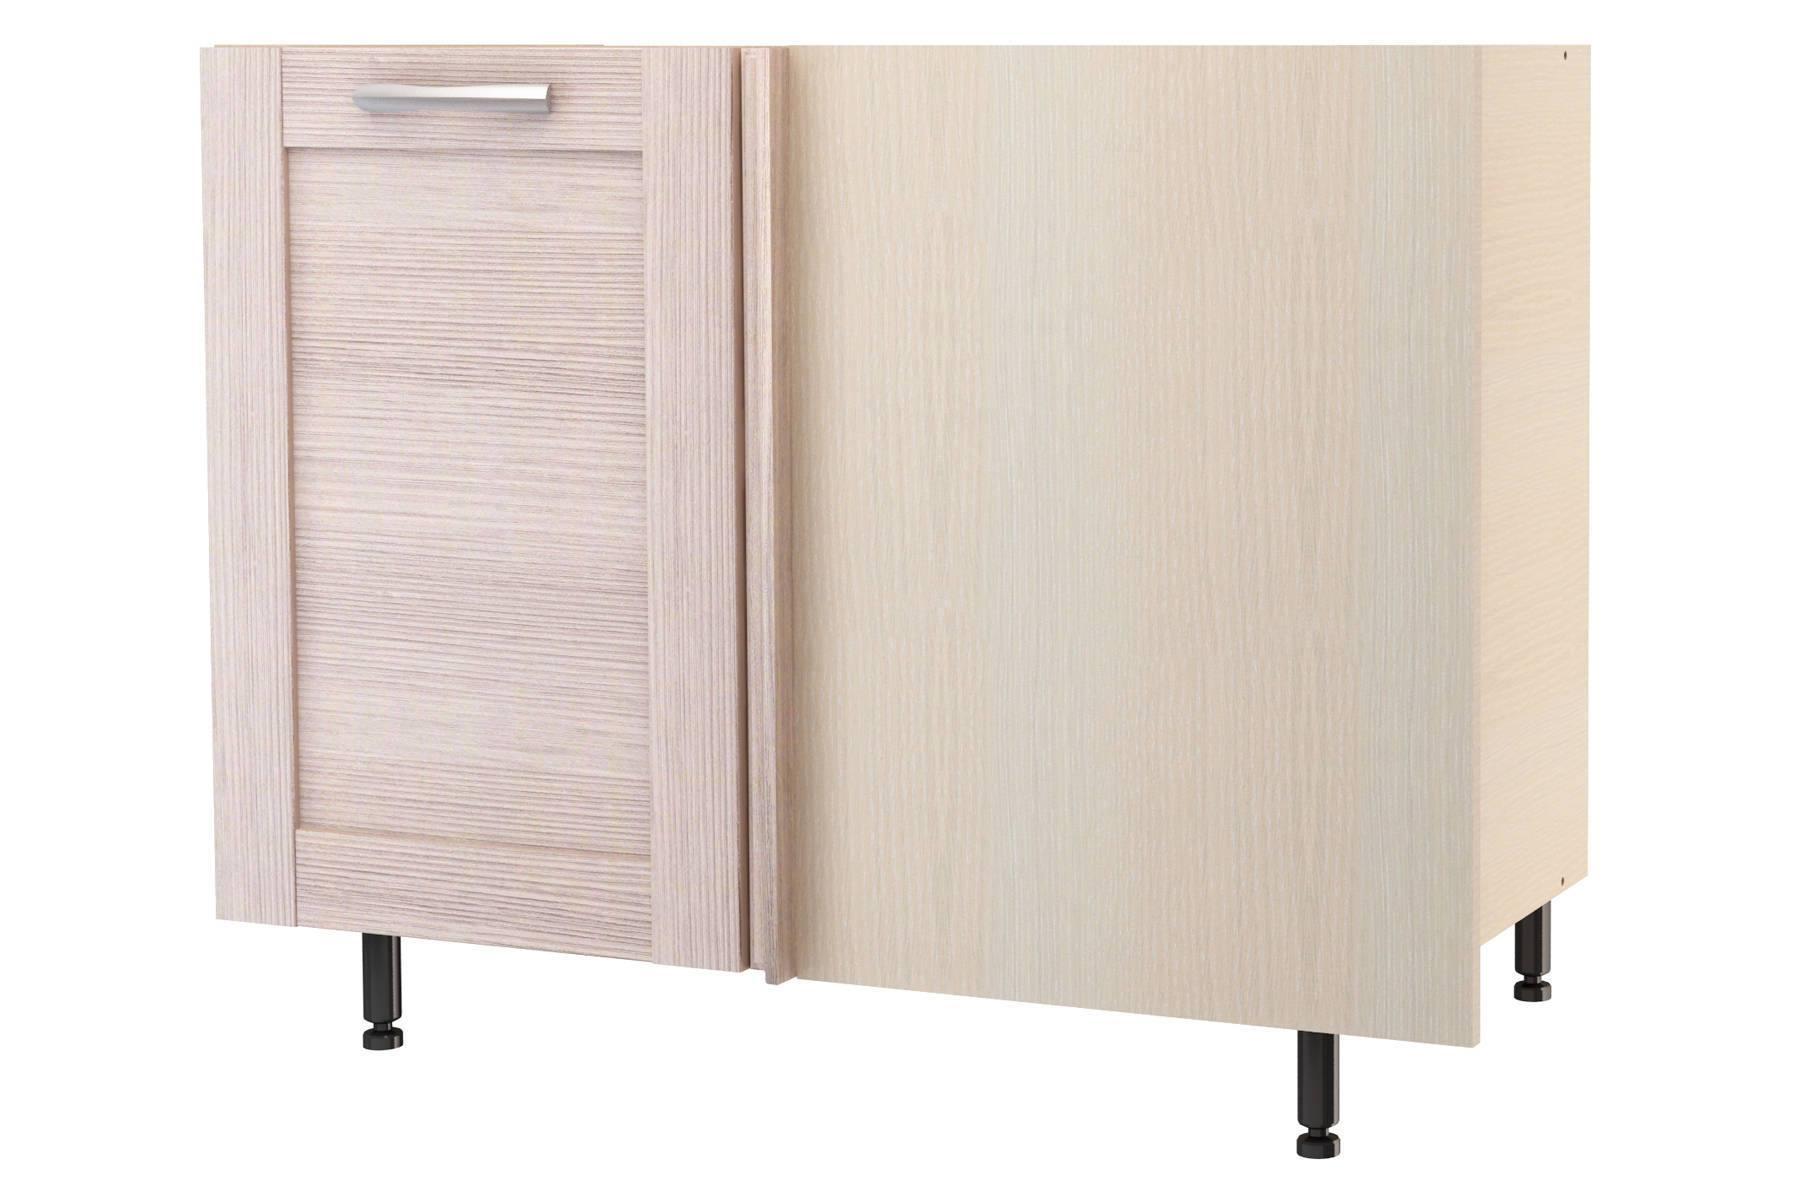 шкафы в санкт-петербурге недорого от производителя в наличии